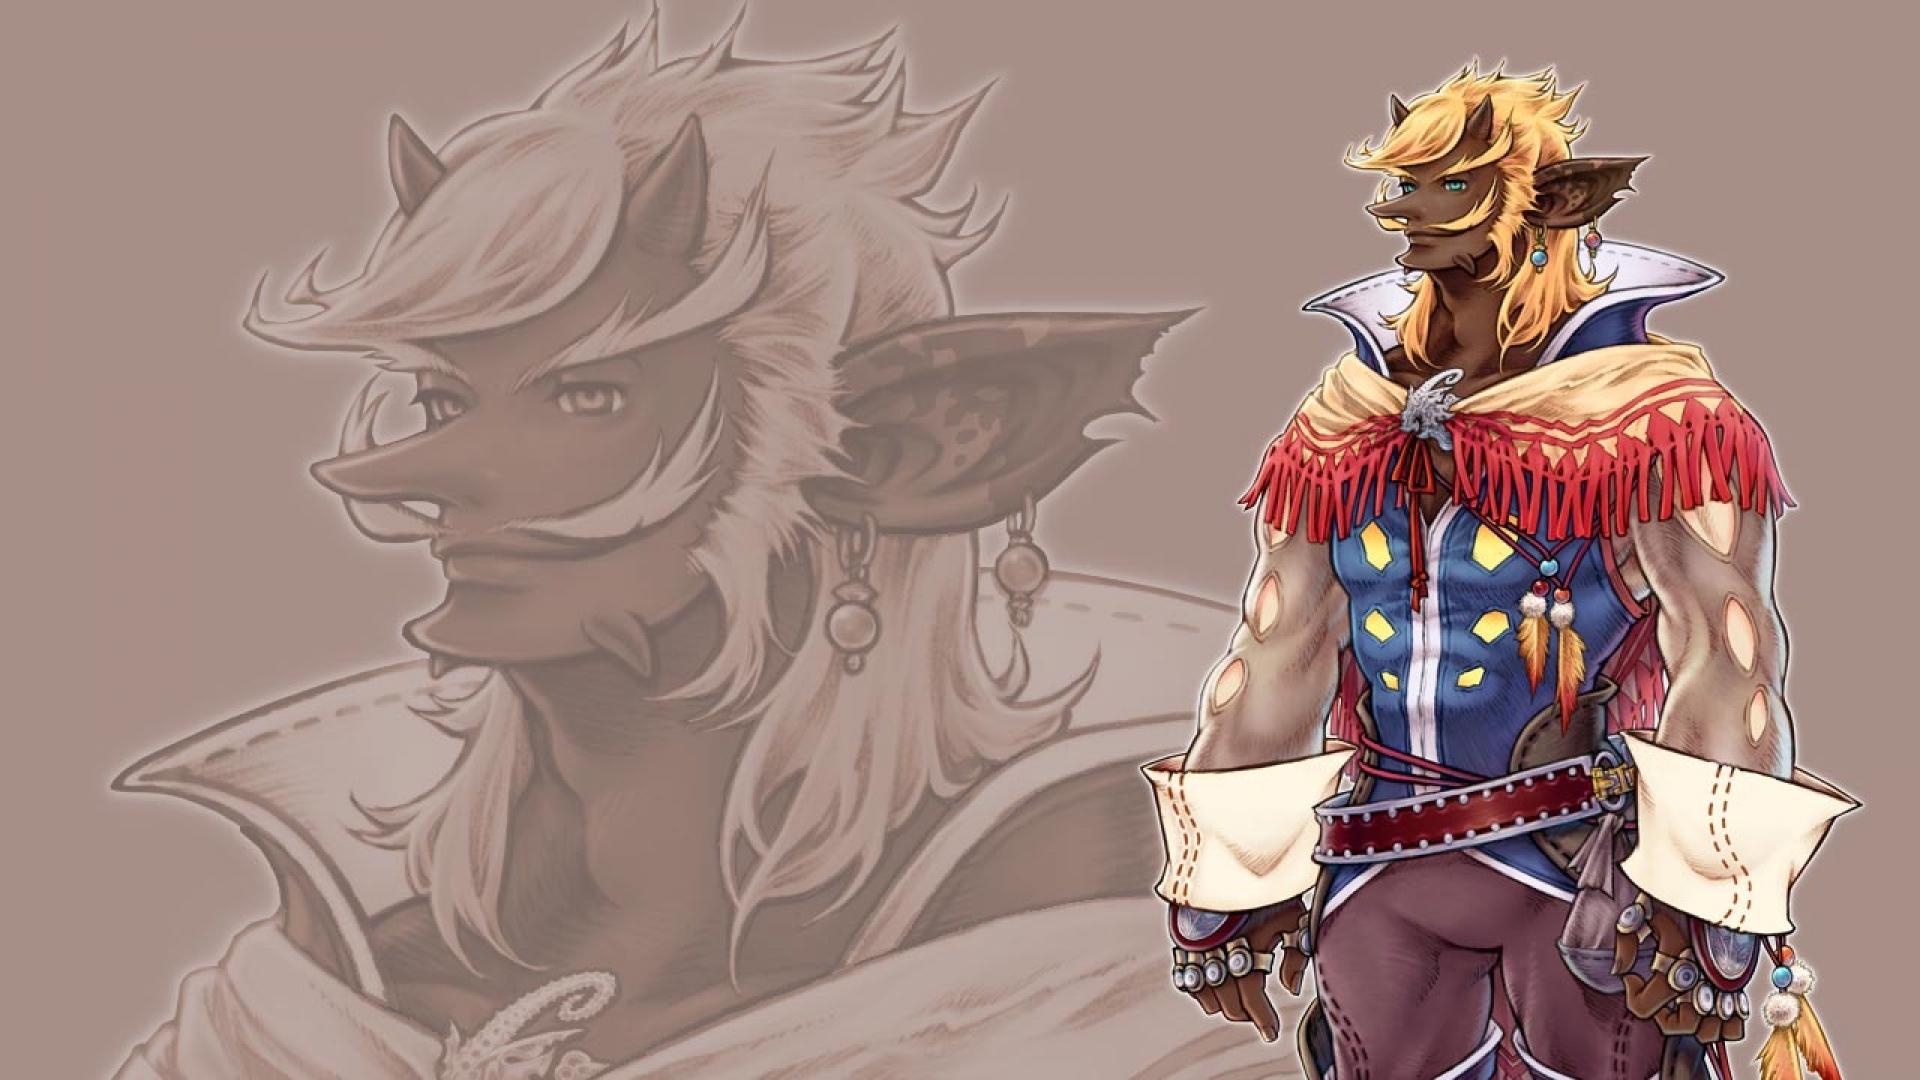 Download Wallpaper 1920x1080 Final Fantasy Tactics A2 Cid Being